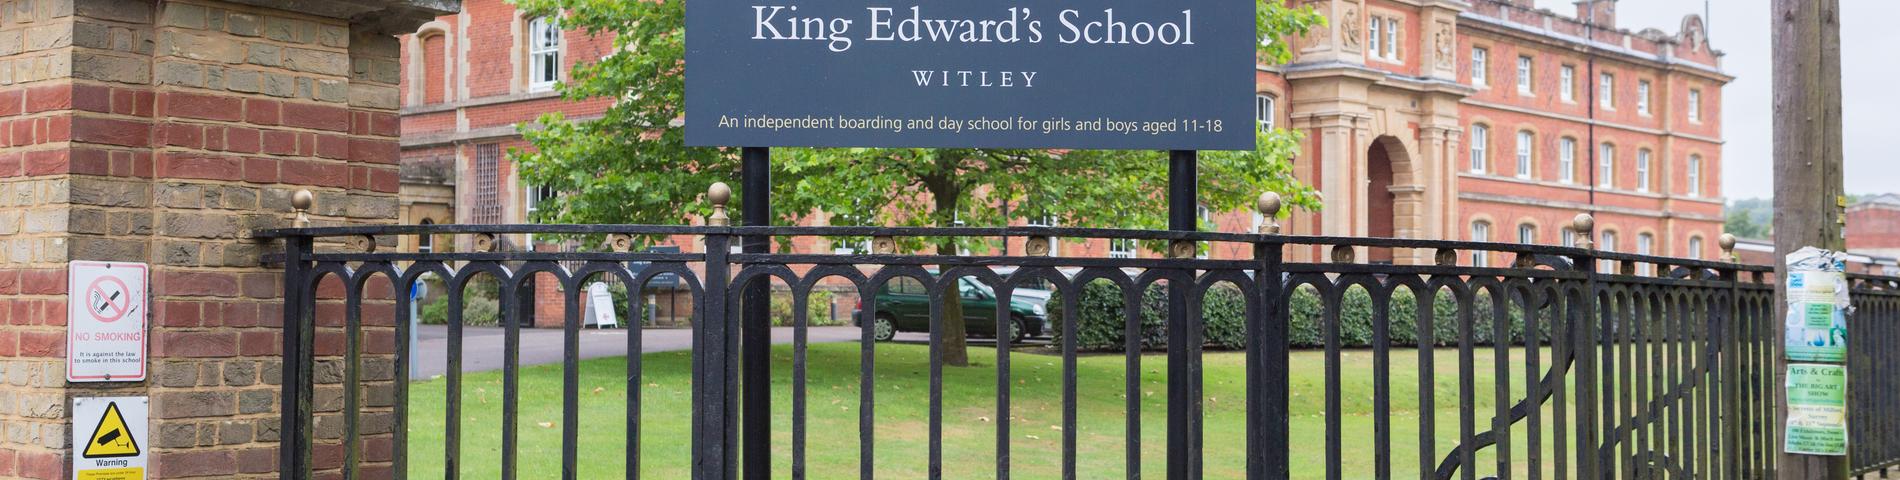 Bucksmore English Language Summer School King Edward's School bild 1